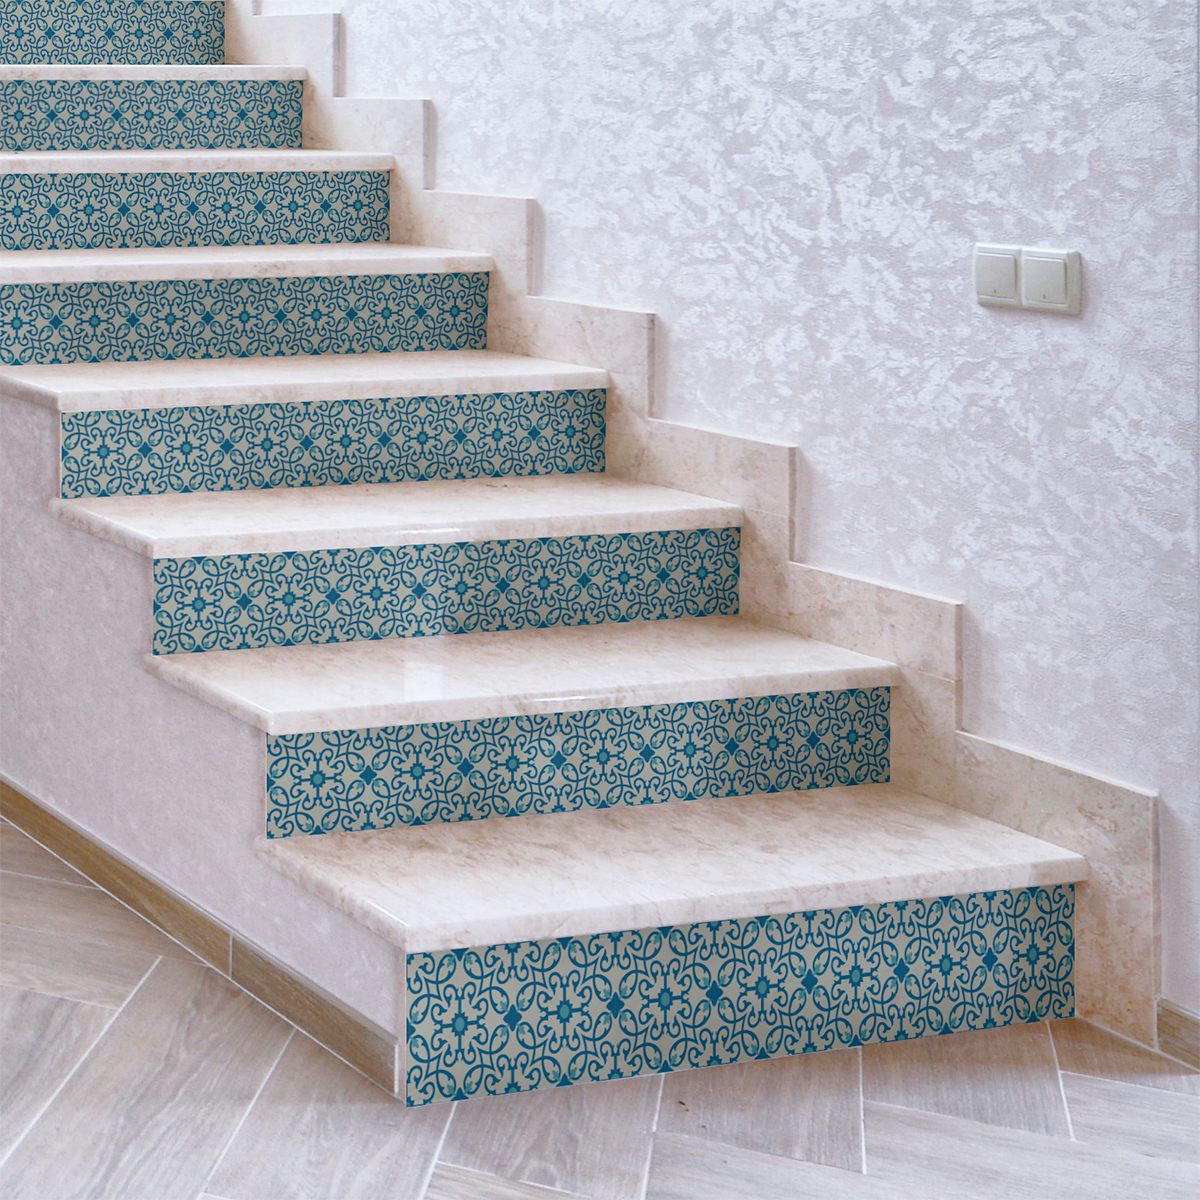 stickers contremarche carreaux de ciment davia x 2 stickers carrelage stickers carrelage. Black Bedroom Furniture Sets. Home Design Ideas